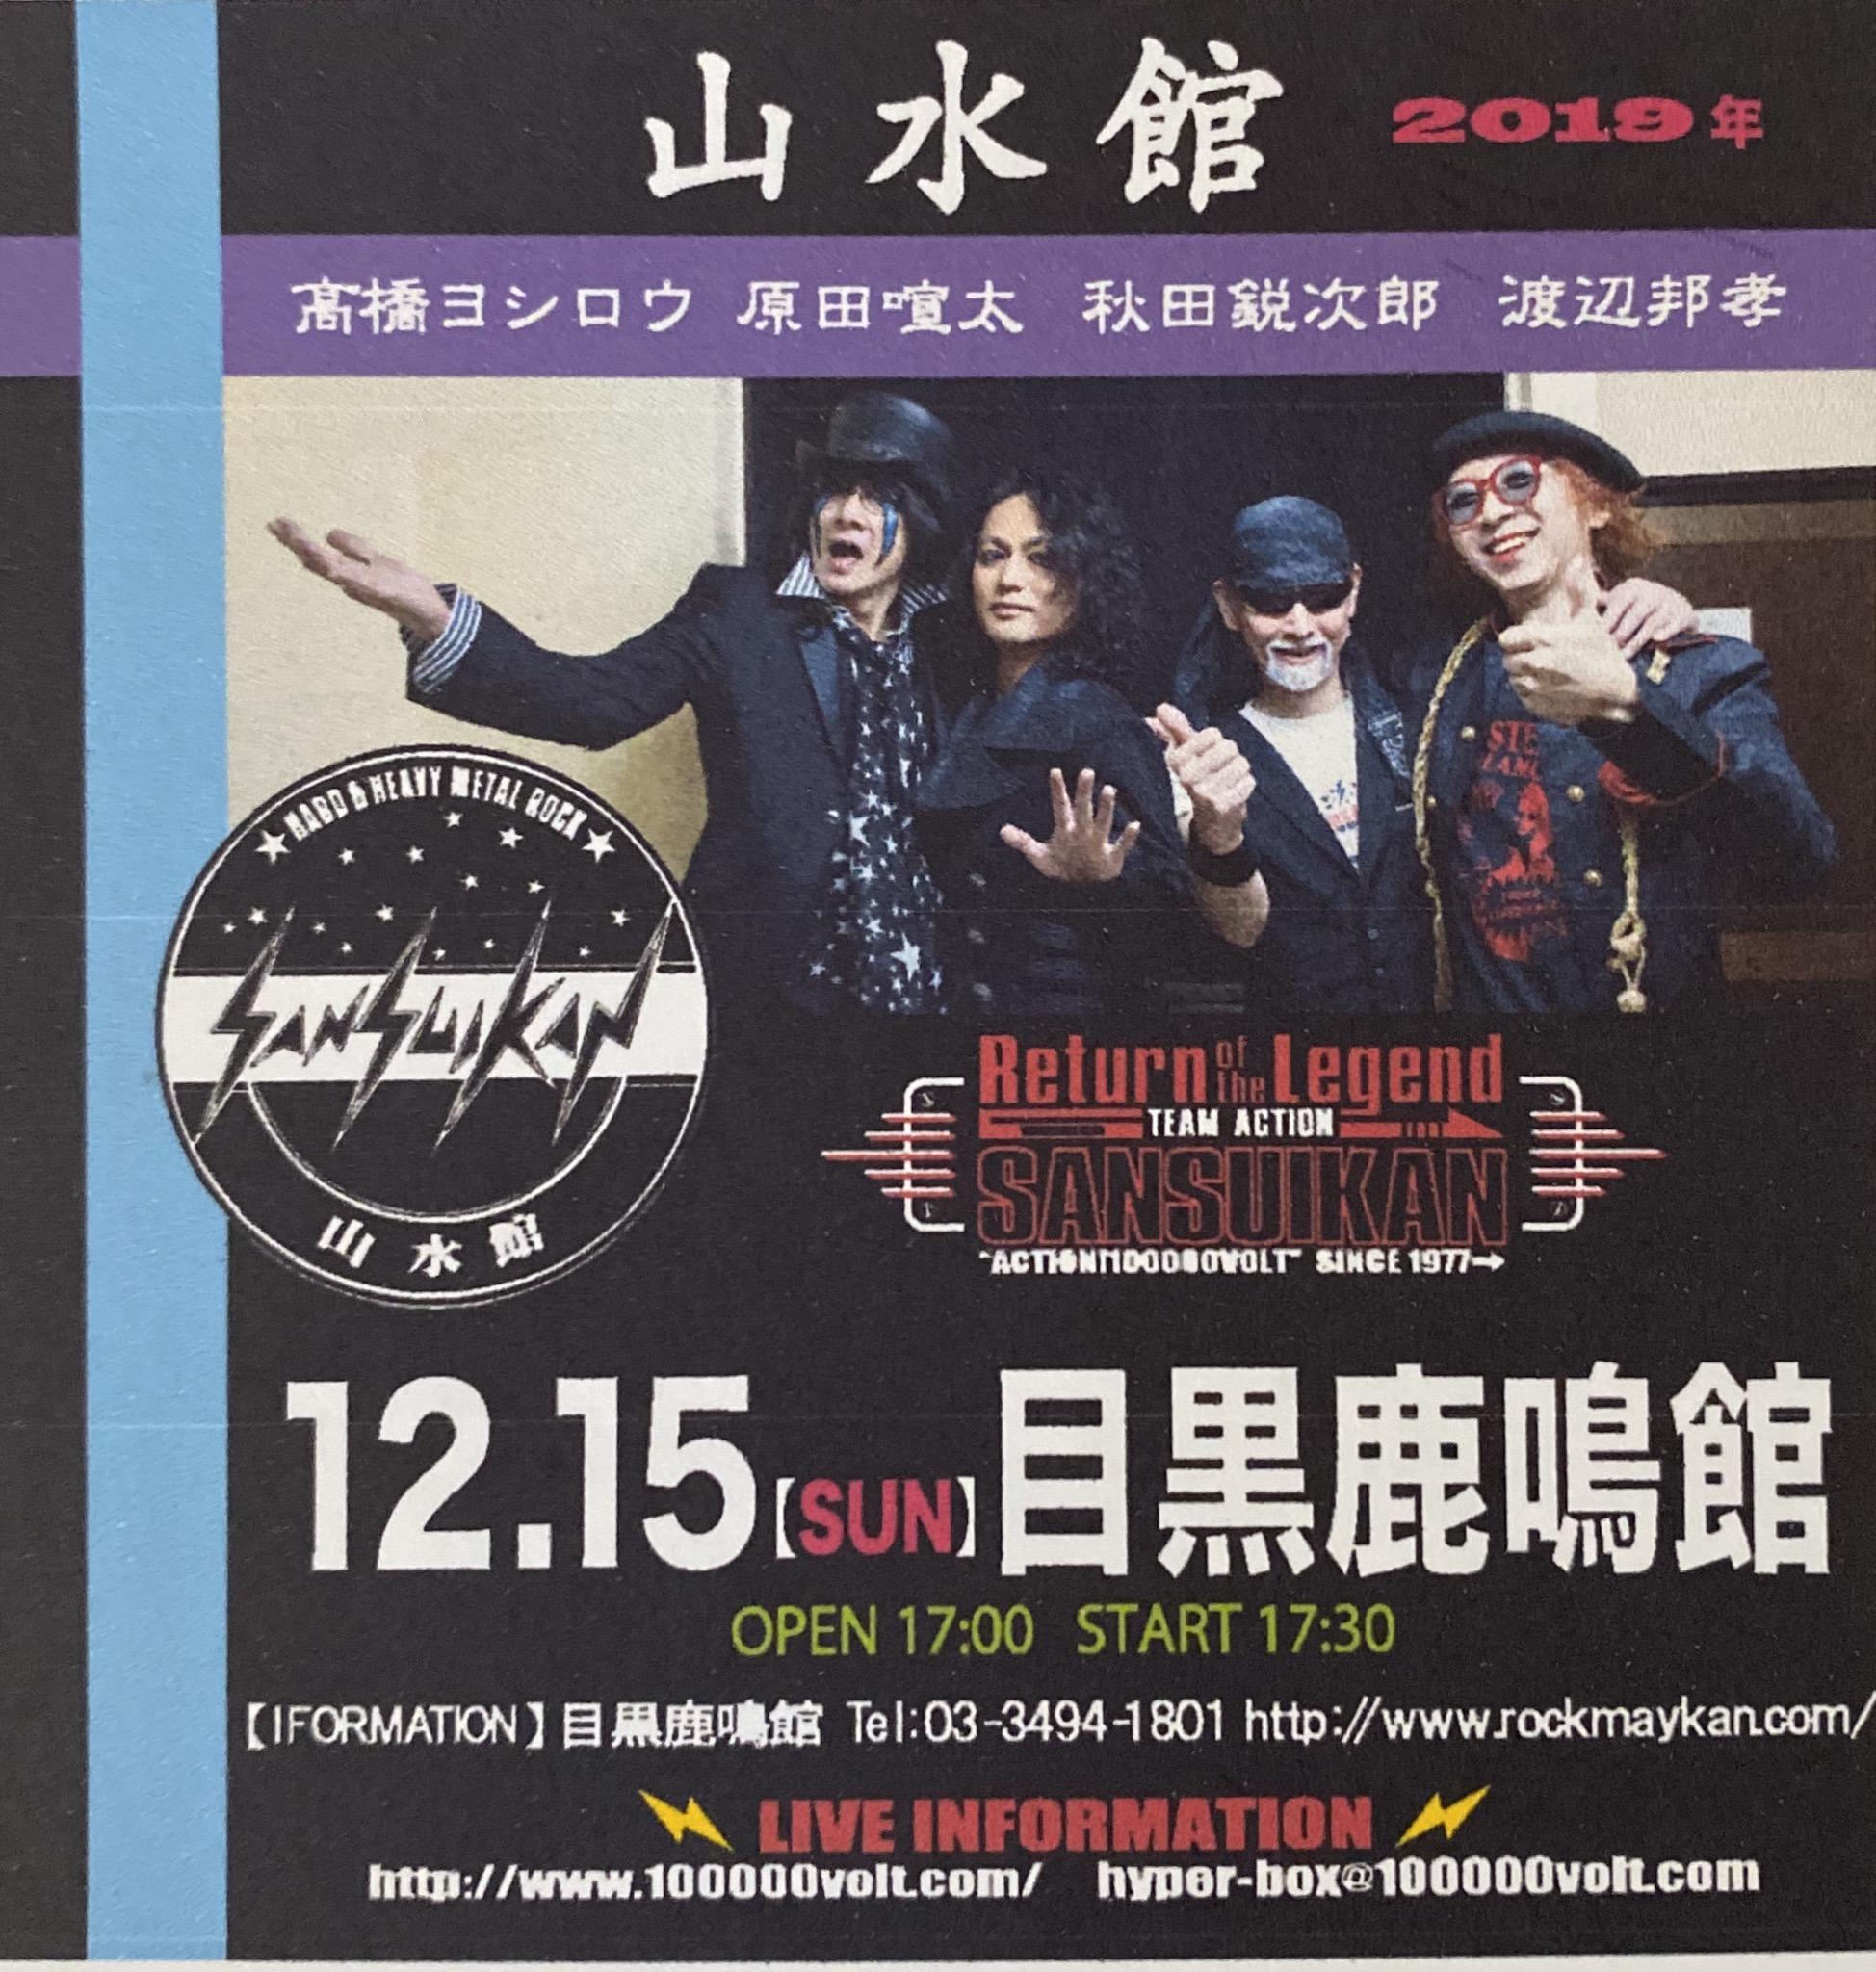 あの!山水館のライブが再び!2019/12/15/SUN 1